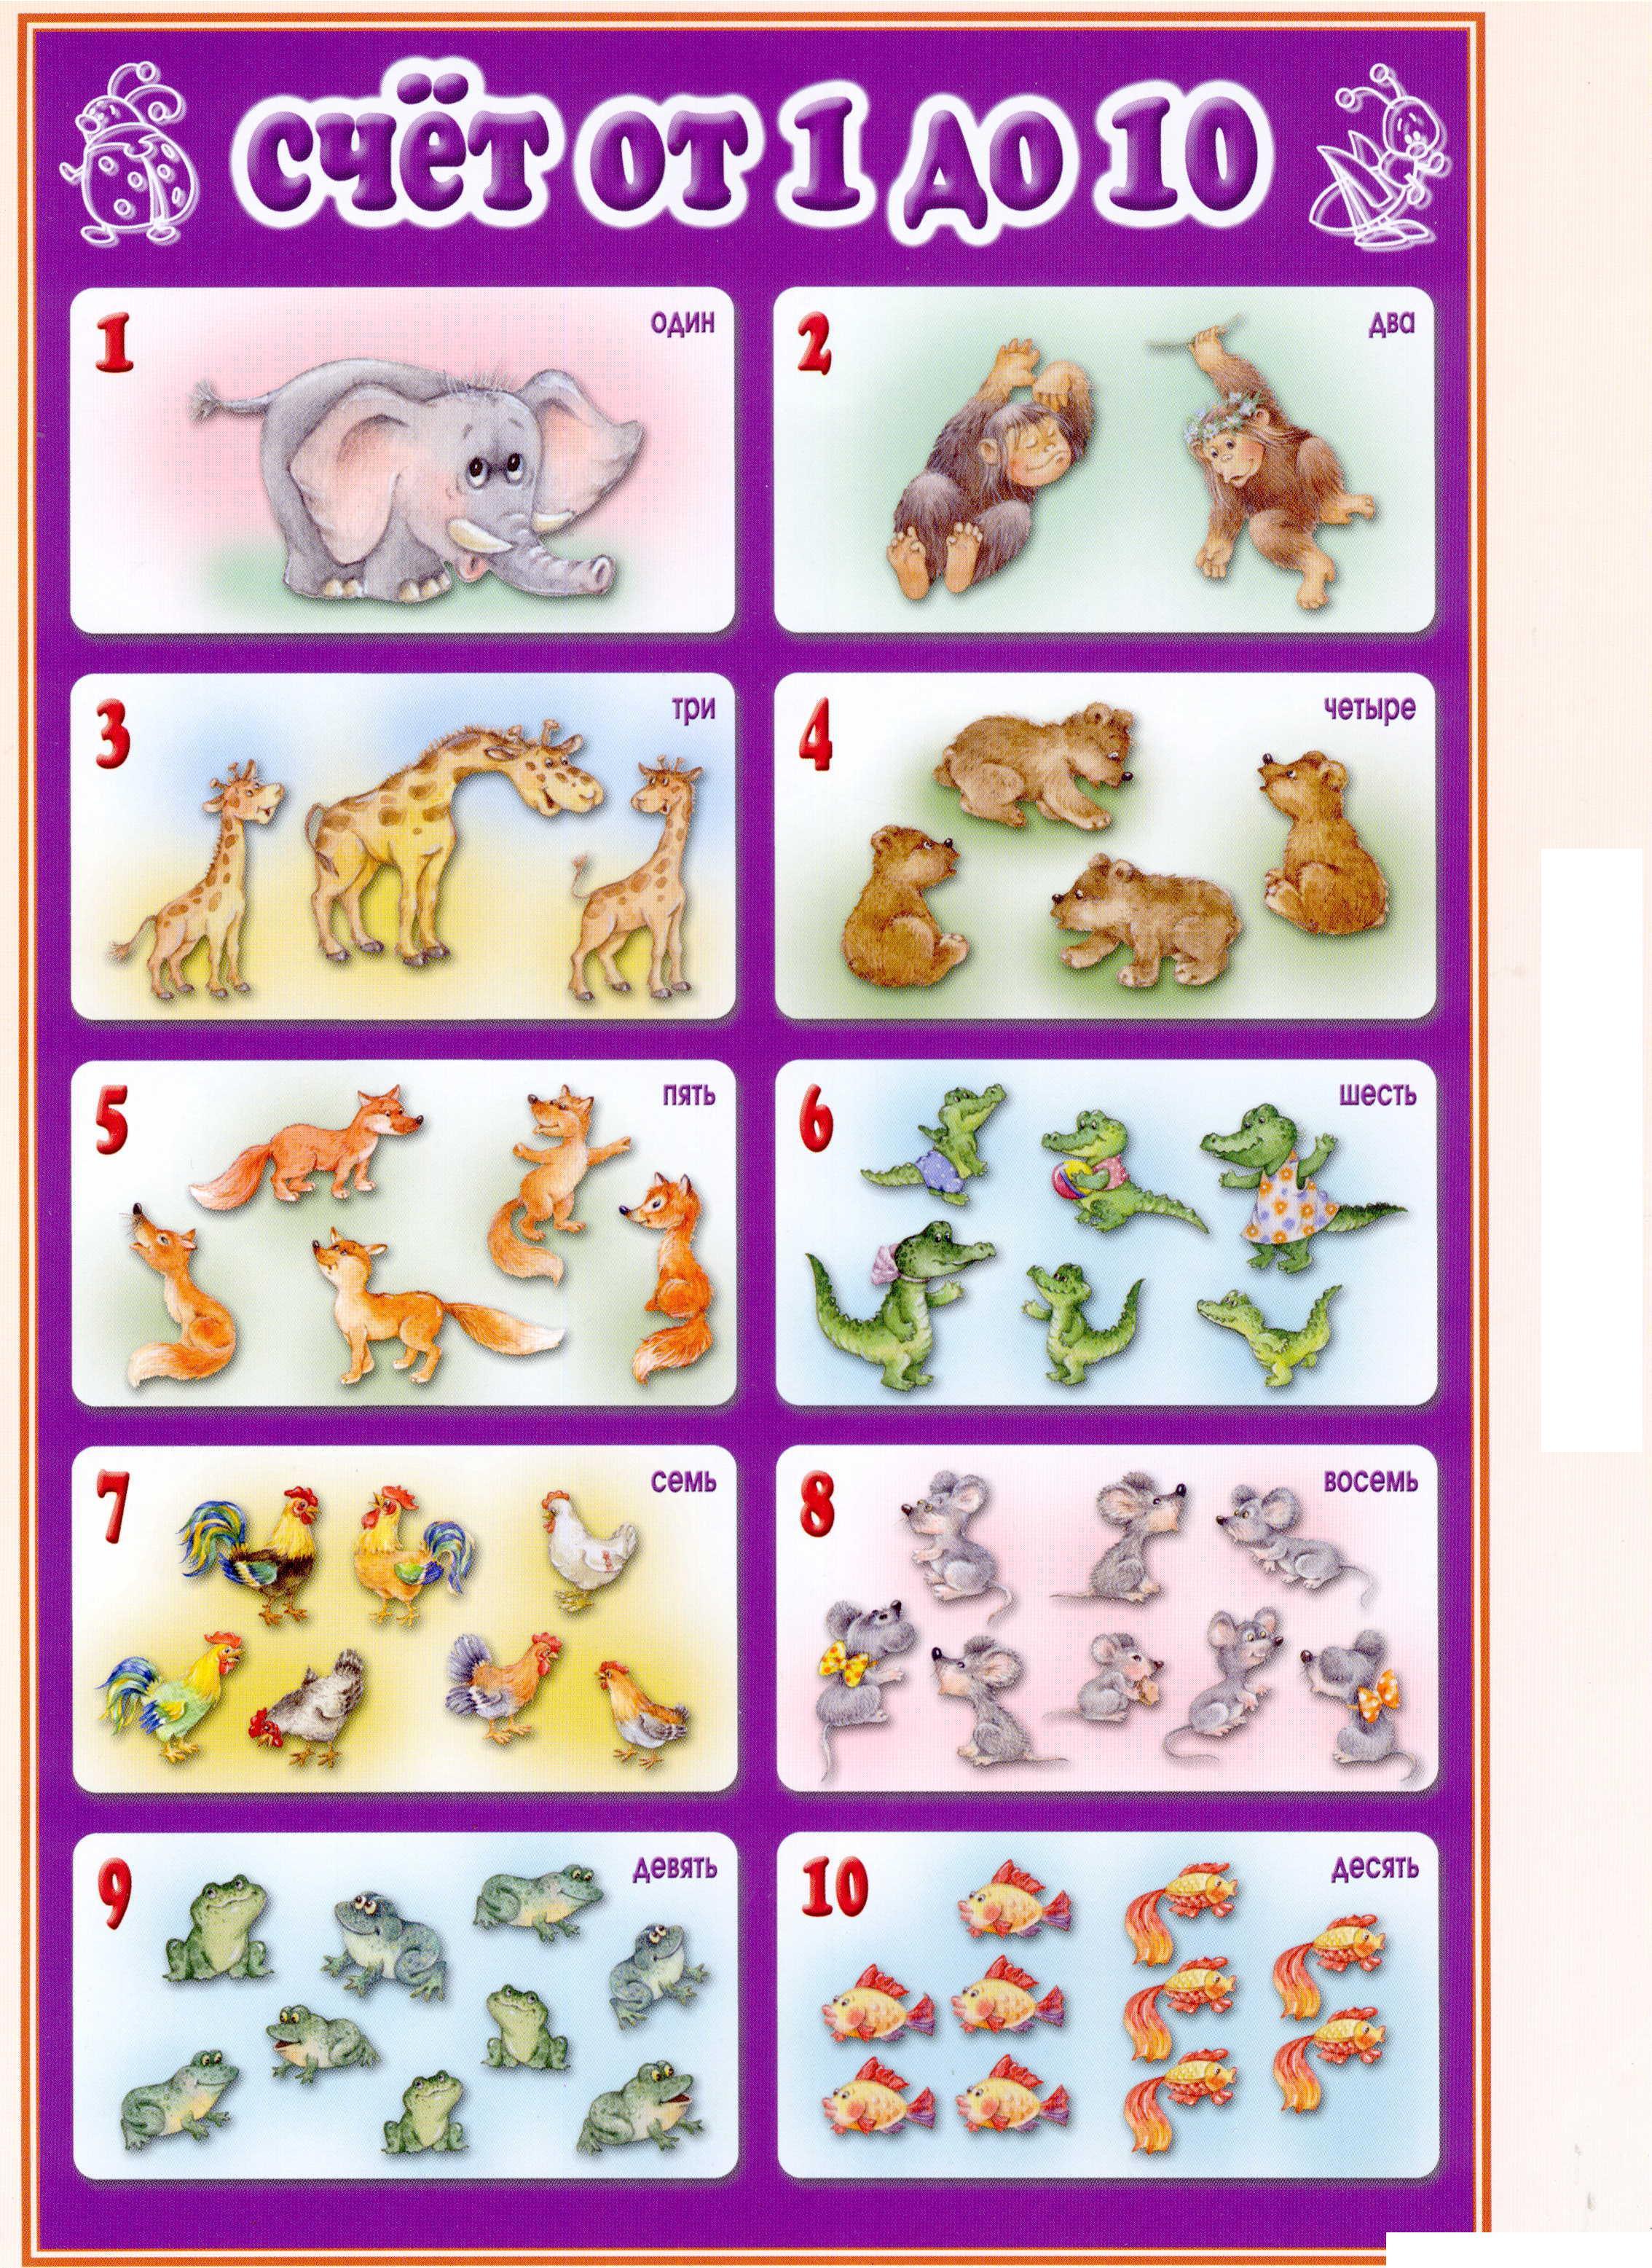 Карточки Карточки для занятий с детьми в детском саду, на подготовительных занятиях, карточки для дошкольников, карточки для первоклассников, карточки для учеников начальной школы